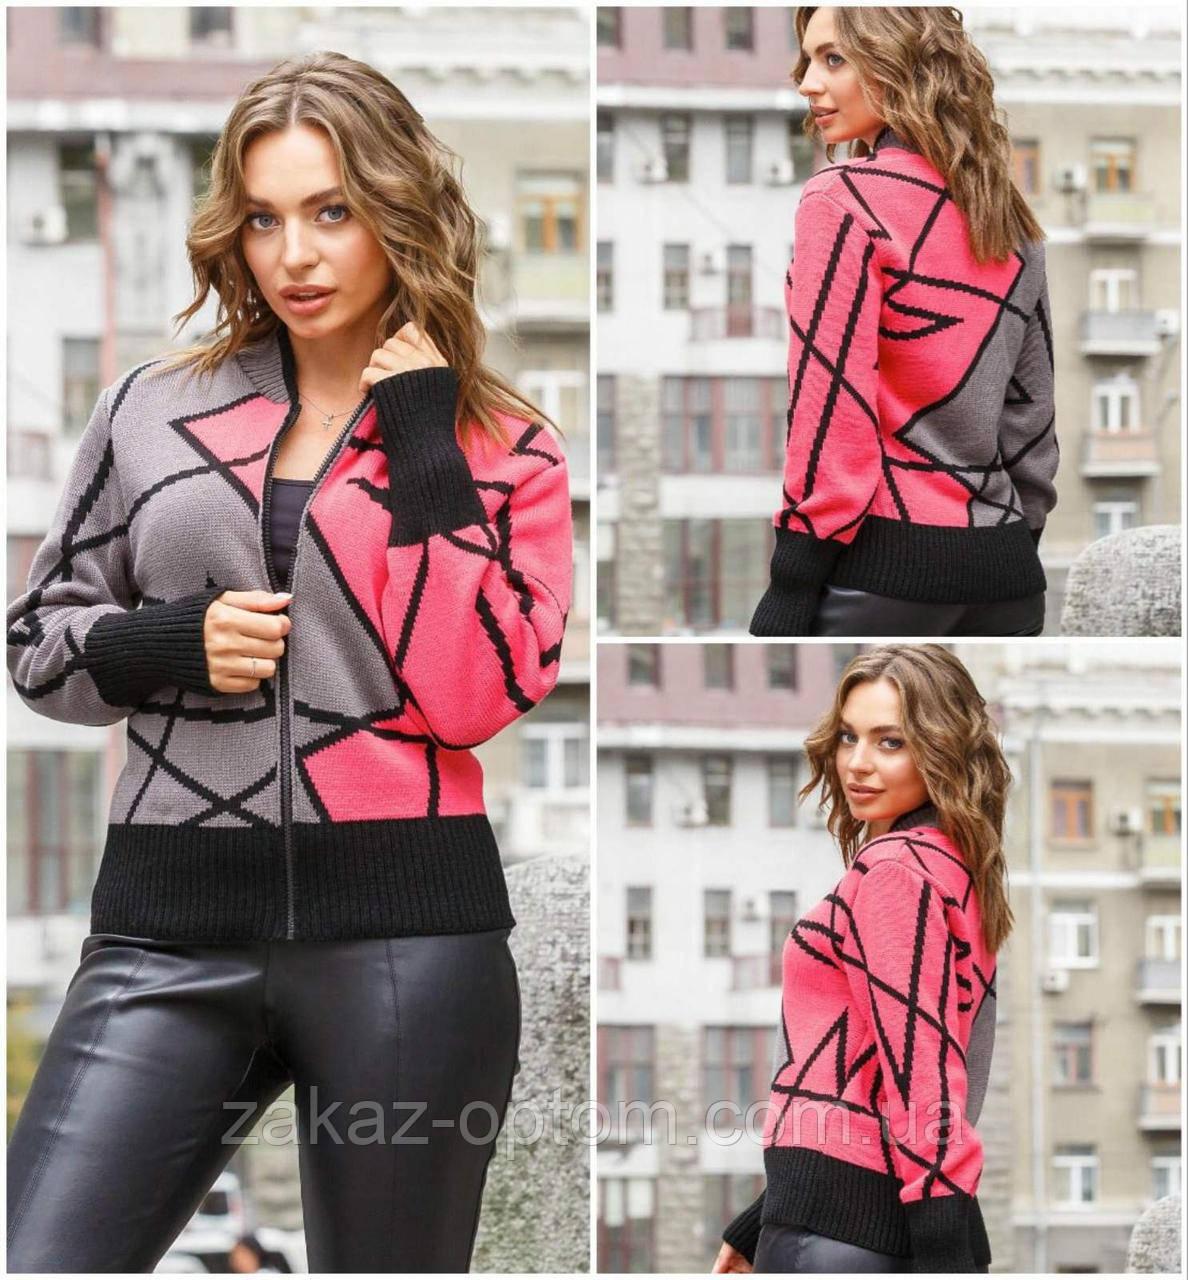 Кофта женская вязаная на молнии оптом (44-52) Украина -65329